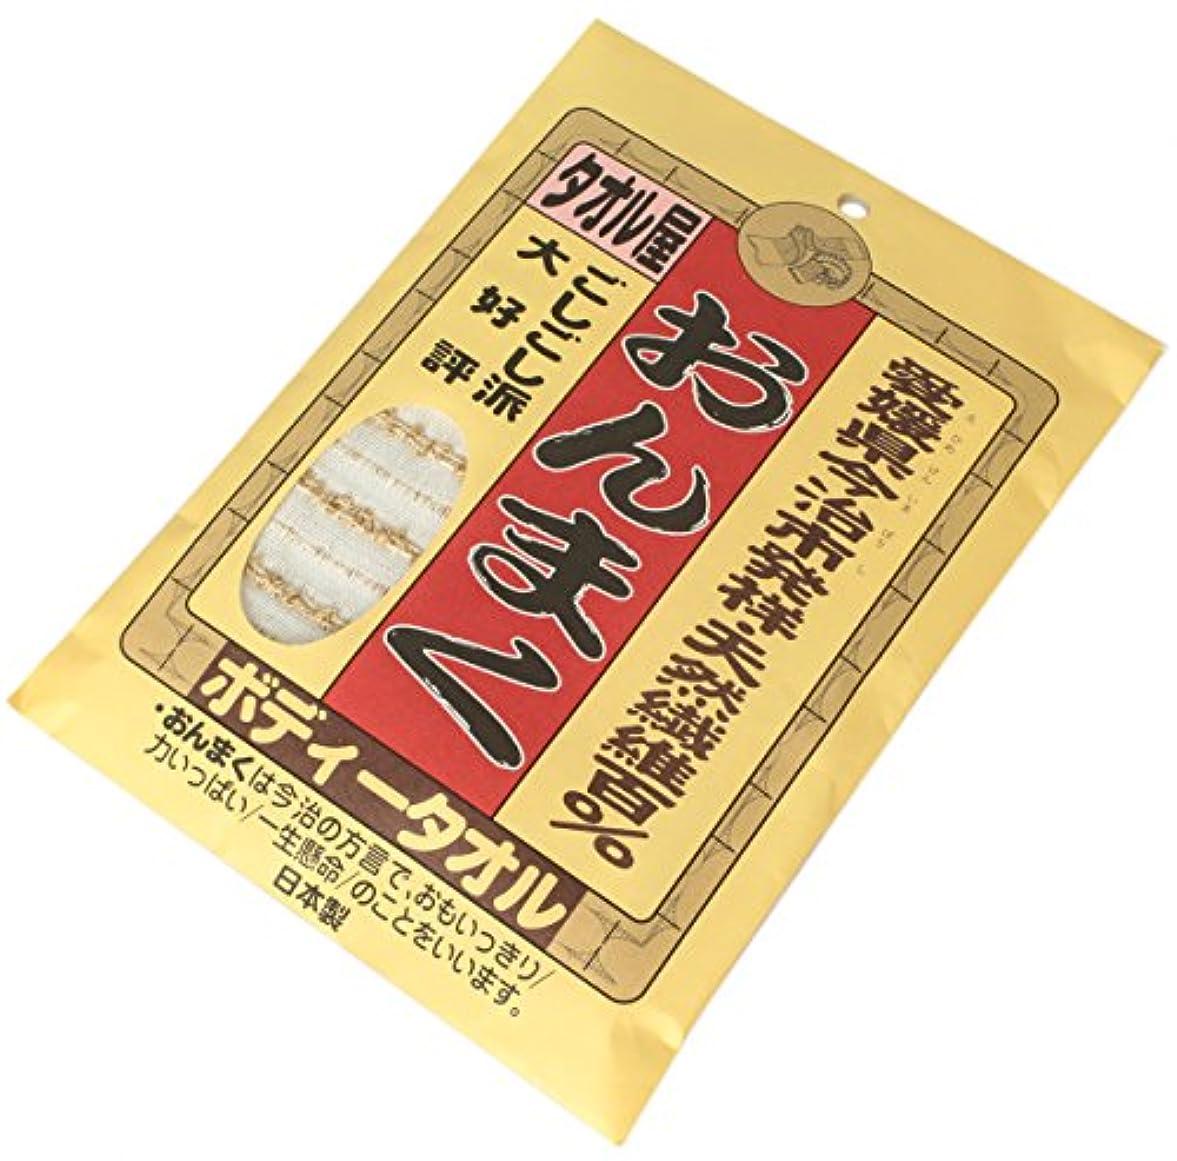 今治タオル ボディタオル 日本製 ハード おんまく